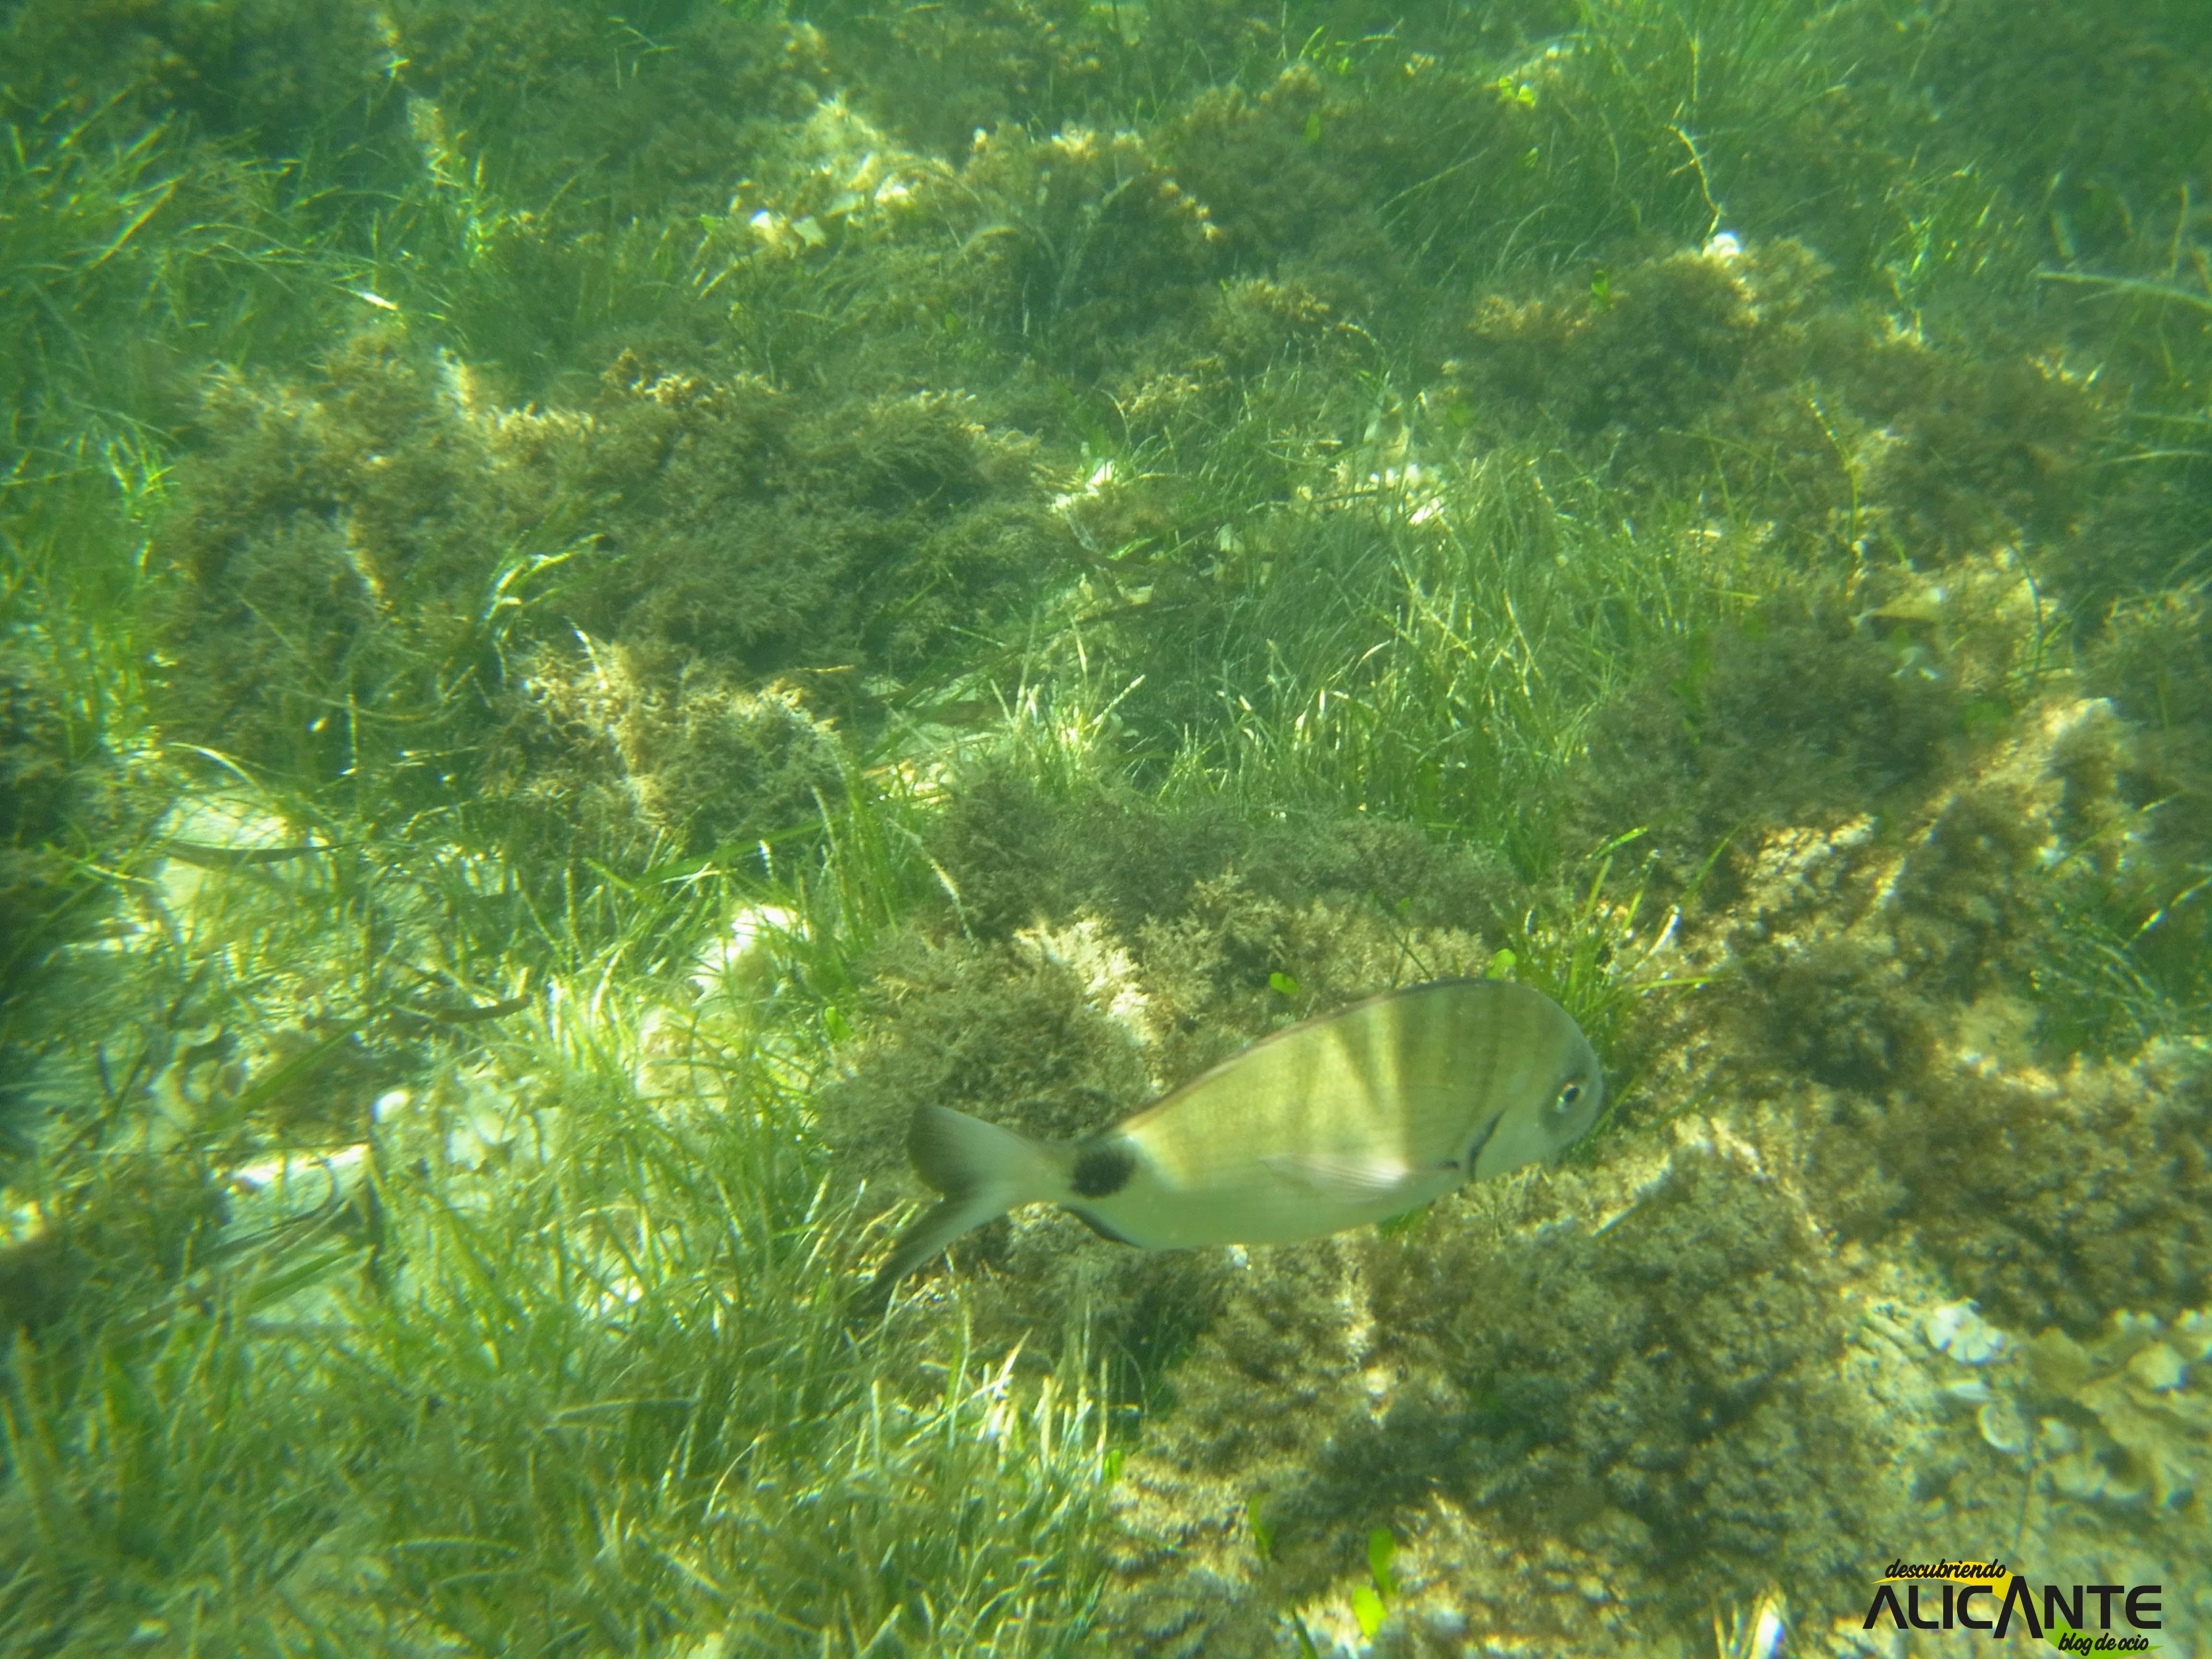 snorkel-en-tabarca-fondo-marino-2014-1